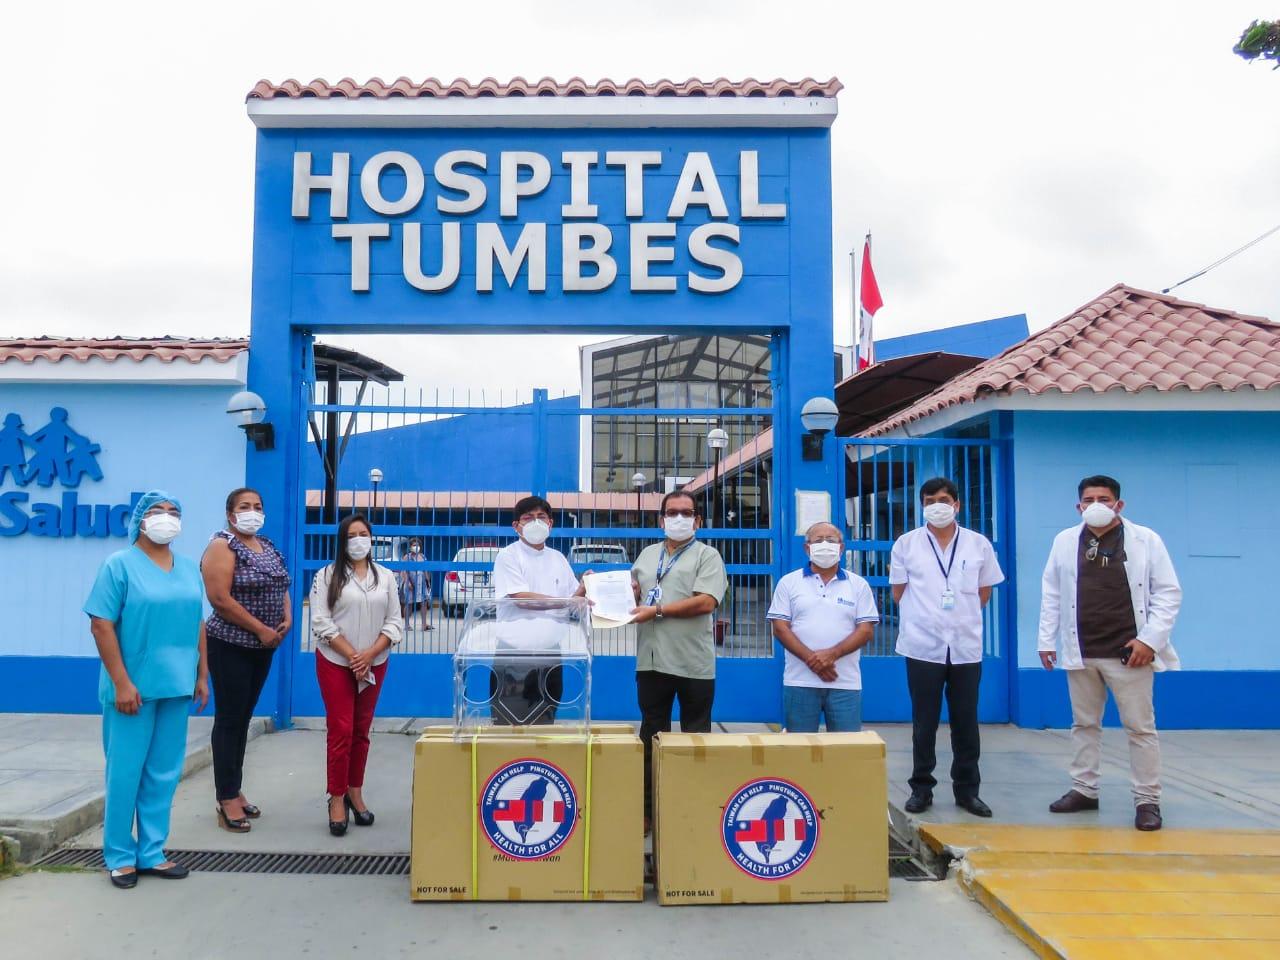 Essalud - EsSalud Tumbes y Arzobispado se unen para fortalecer protección de profesionales de la salud en esa región